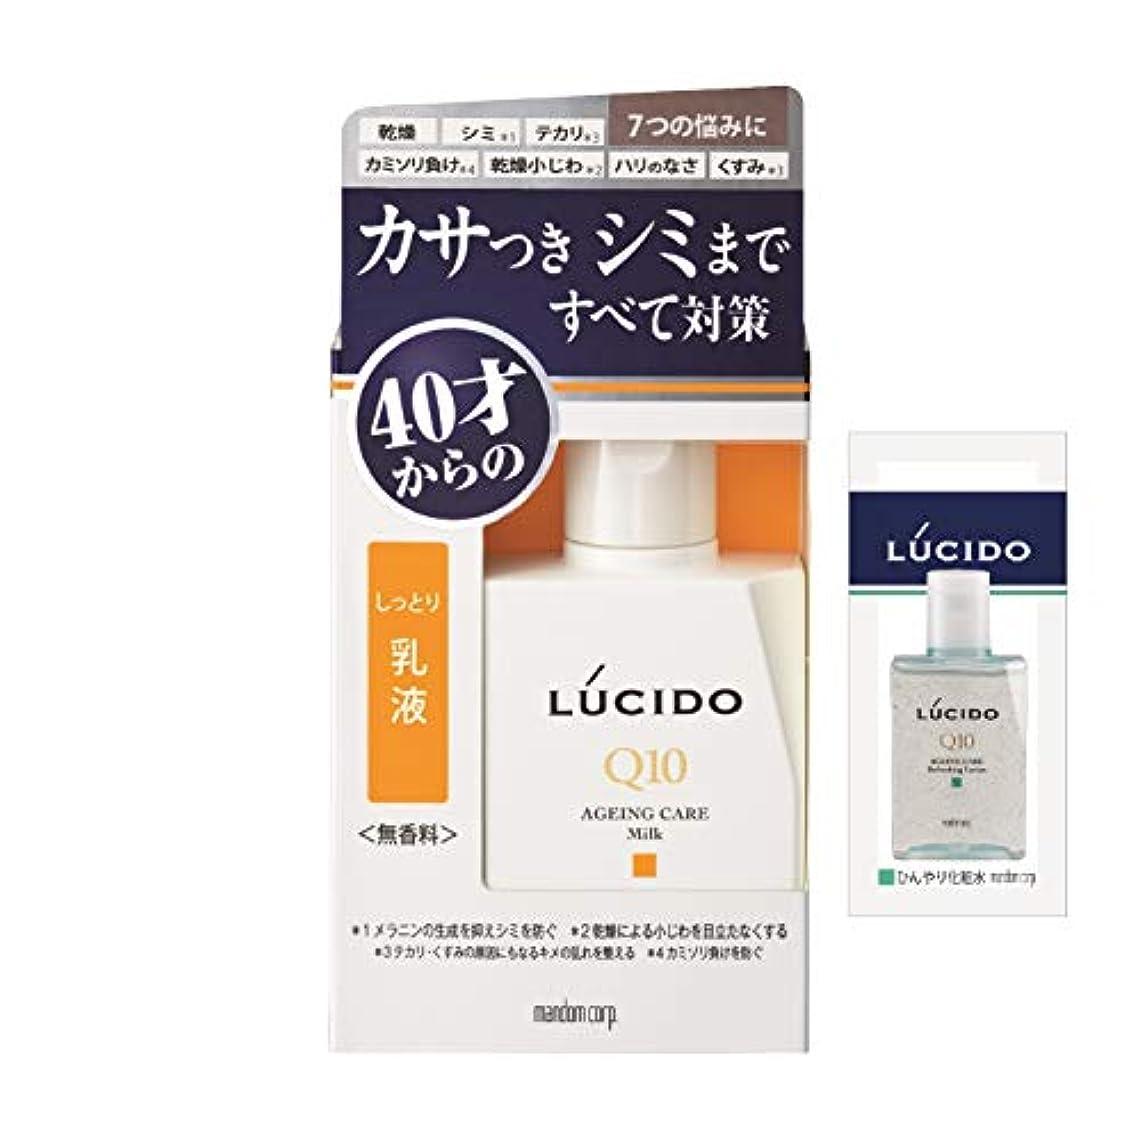 スワップ楽観討論【Amazon.co.jp限定】 LUCIDO(ルシード) ルシード 薬用 トータルケア乳液 (医薬部外品) 100ml+サンプル付